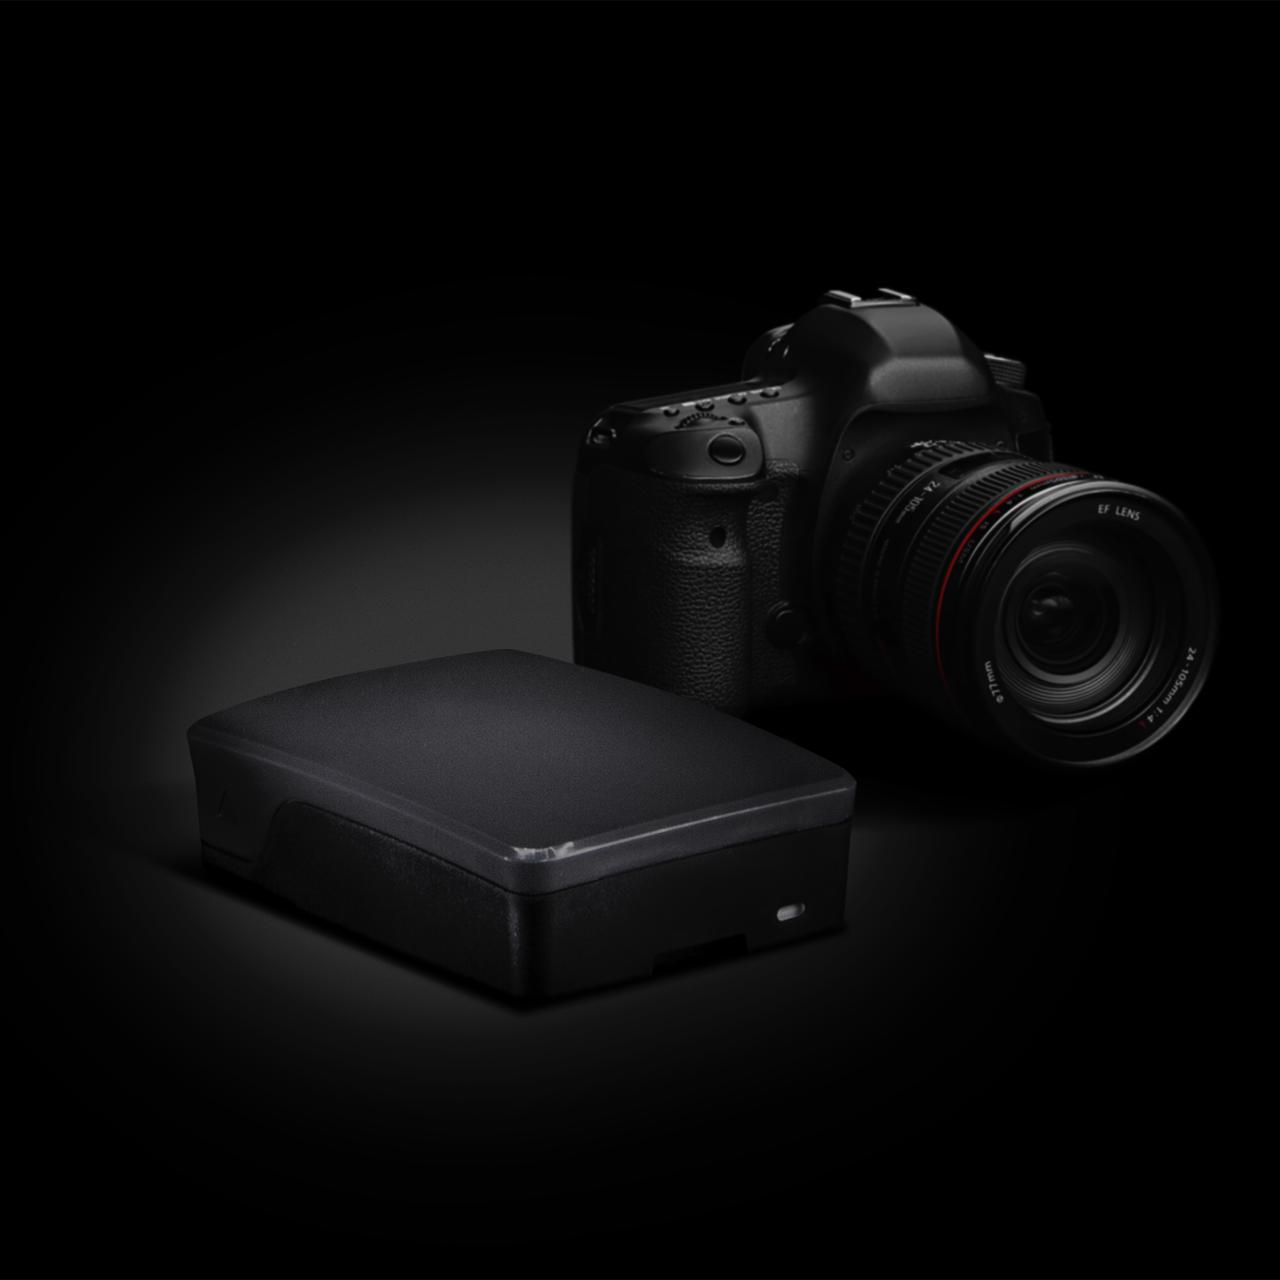 Photosnap camera controller box